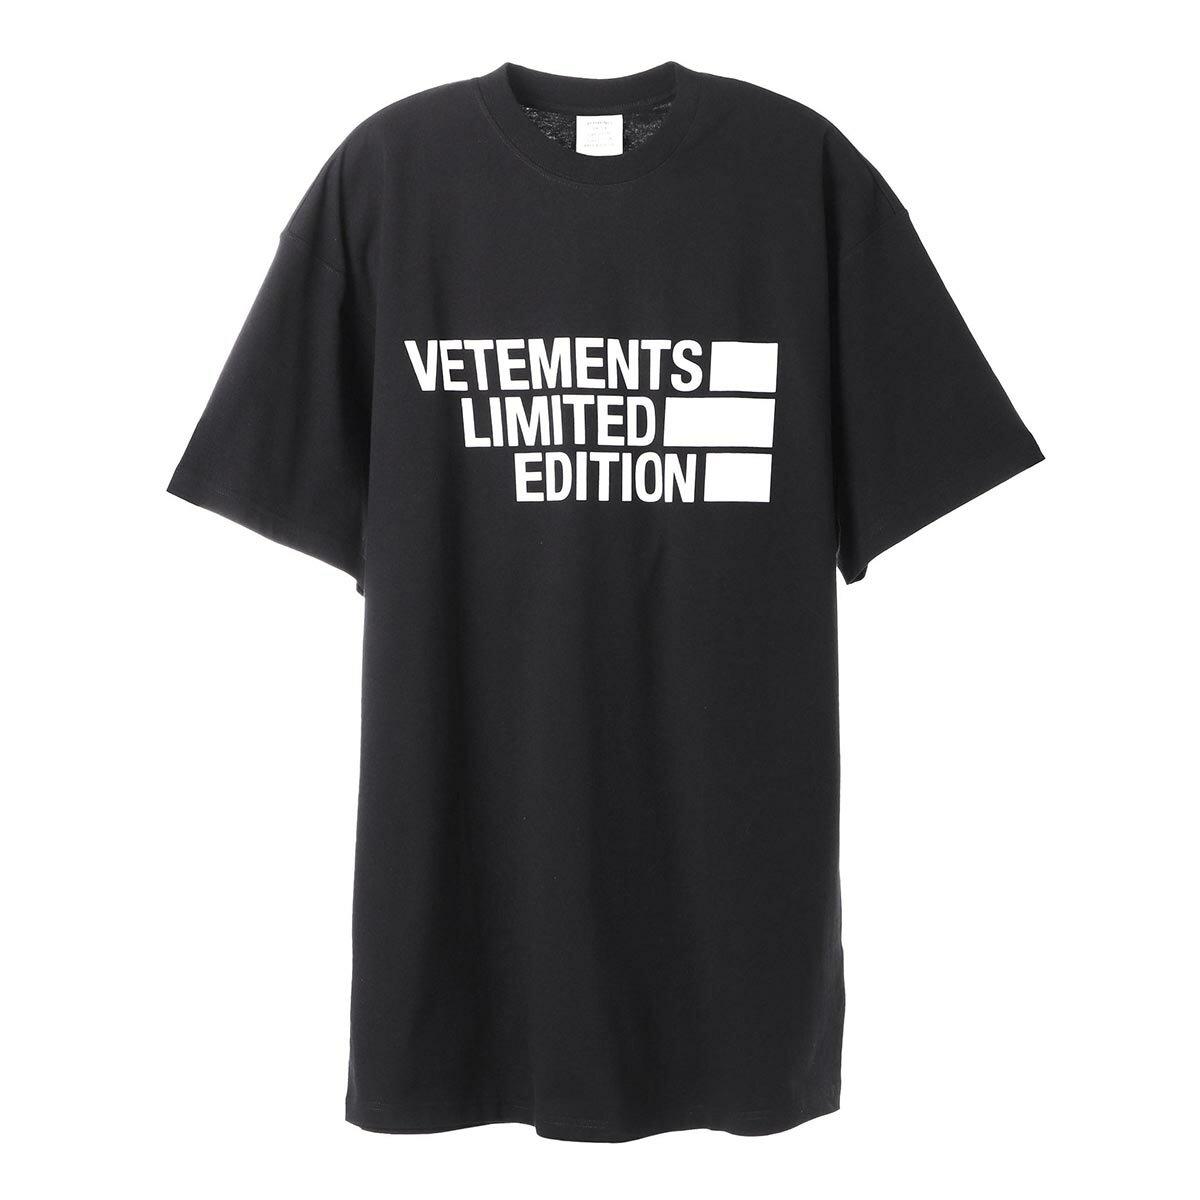 トップス, Tシャツ・カットソー 1 VETEMENTS T ue51tr810b black BIG LOGO LIMITED EDITION T-SHIRT